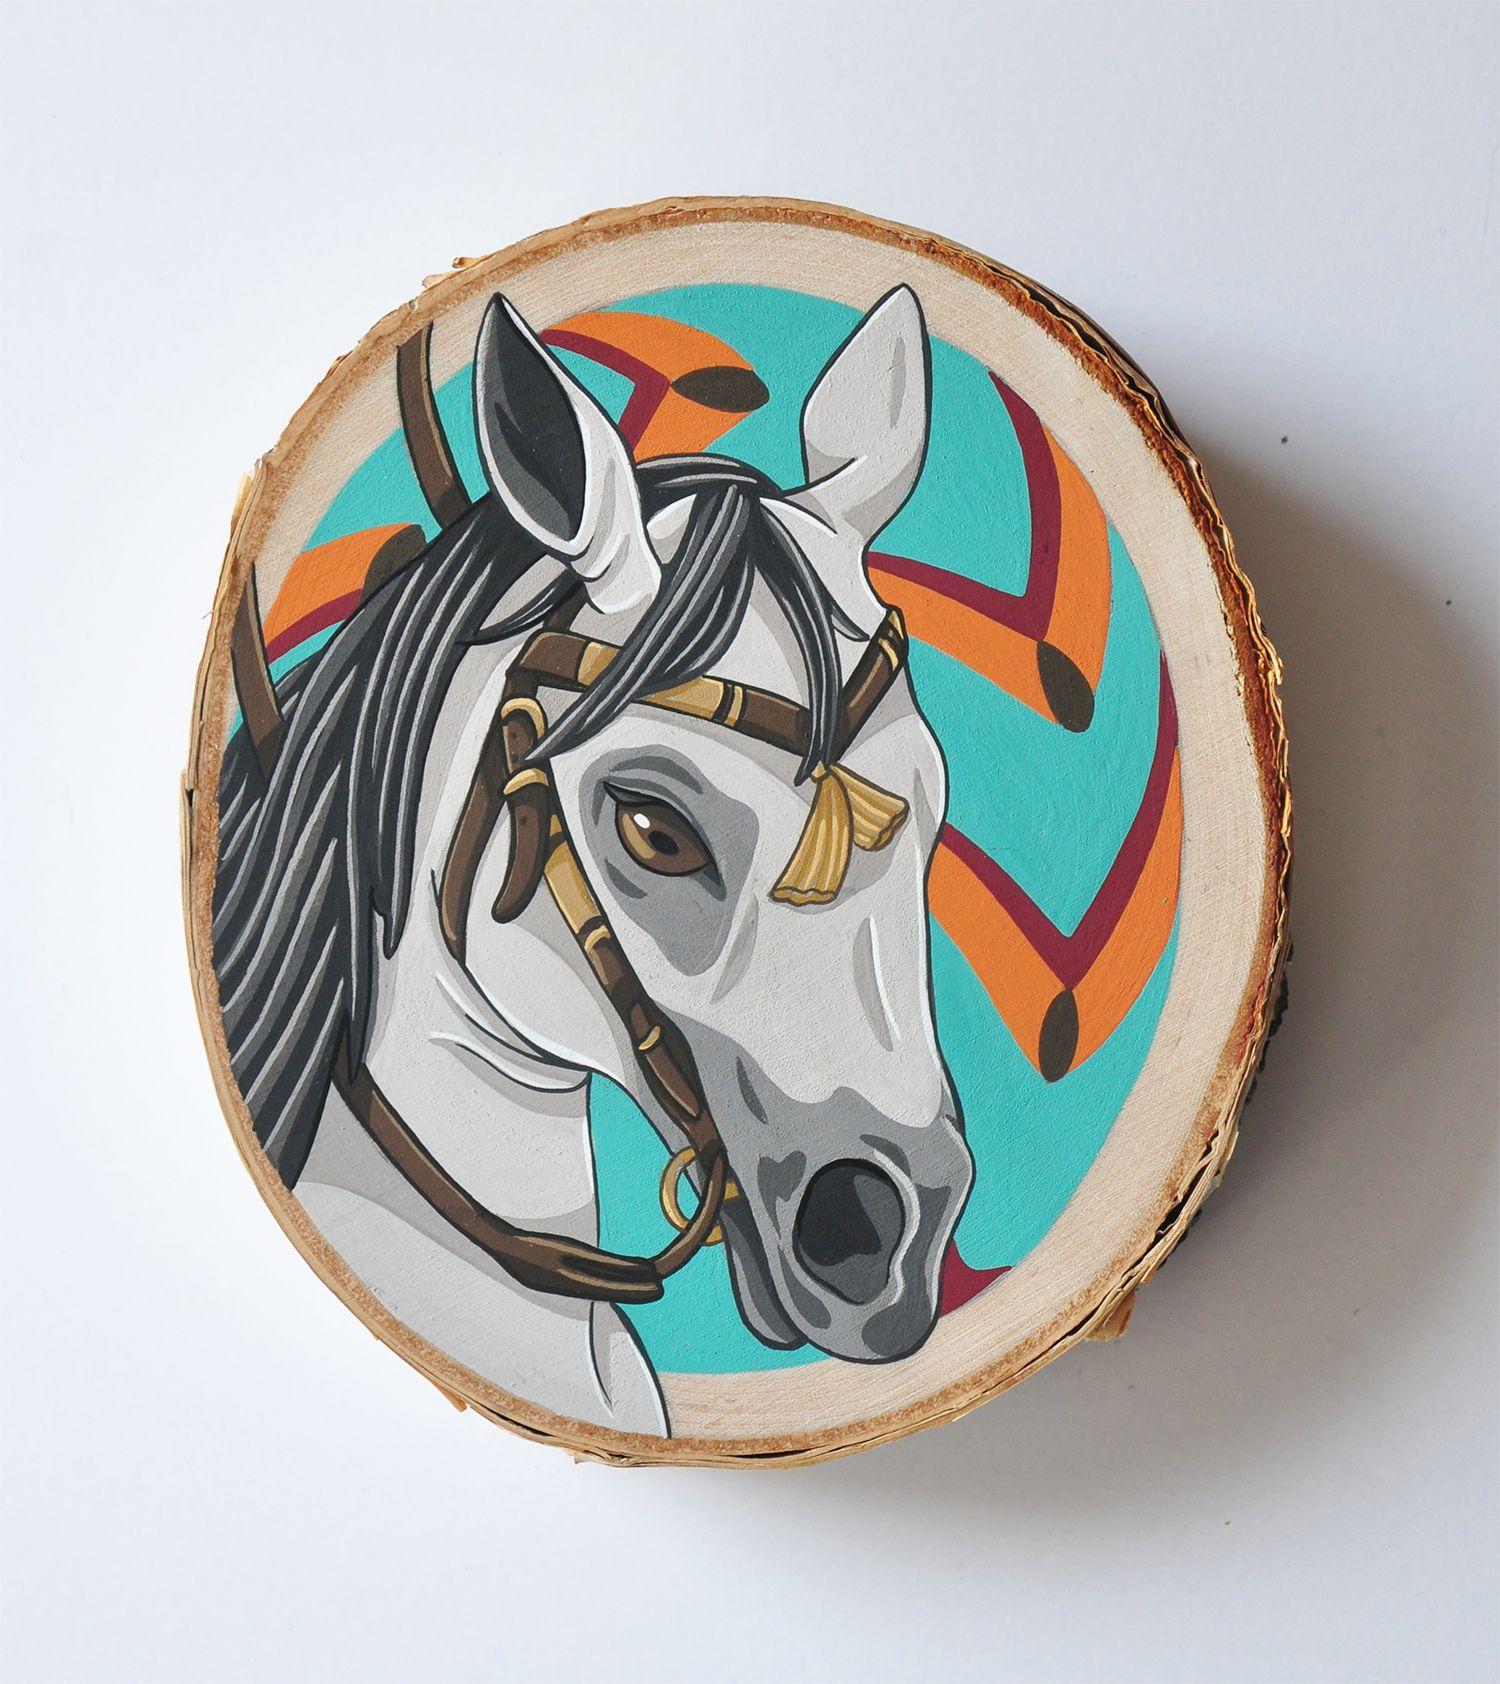 Artist: Sage Cotignola, Gouache on Birch